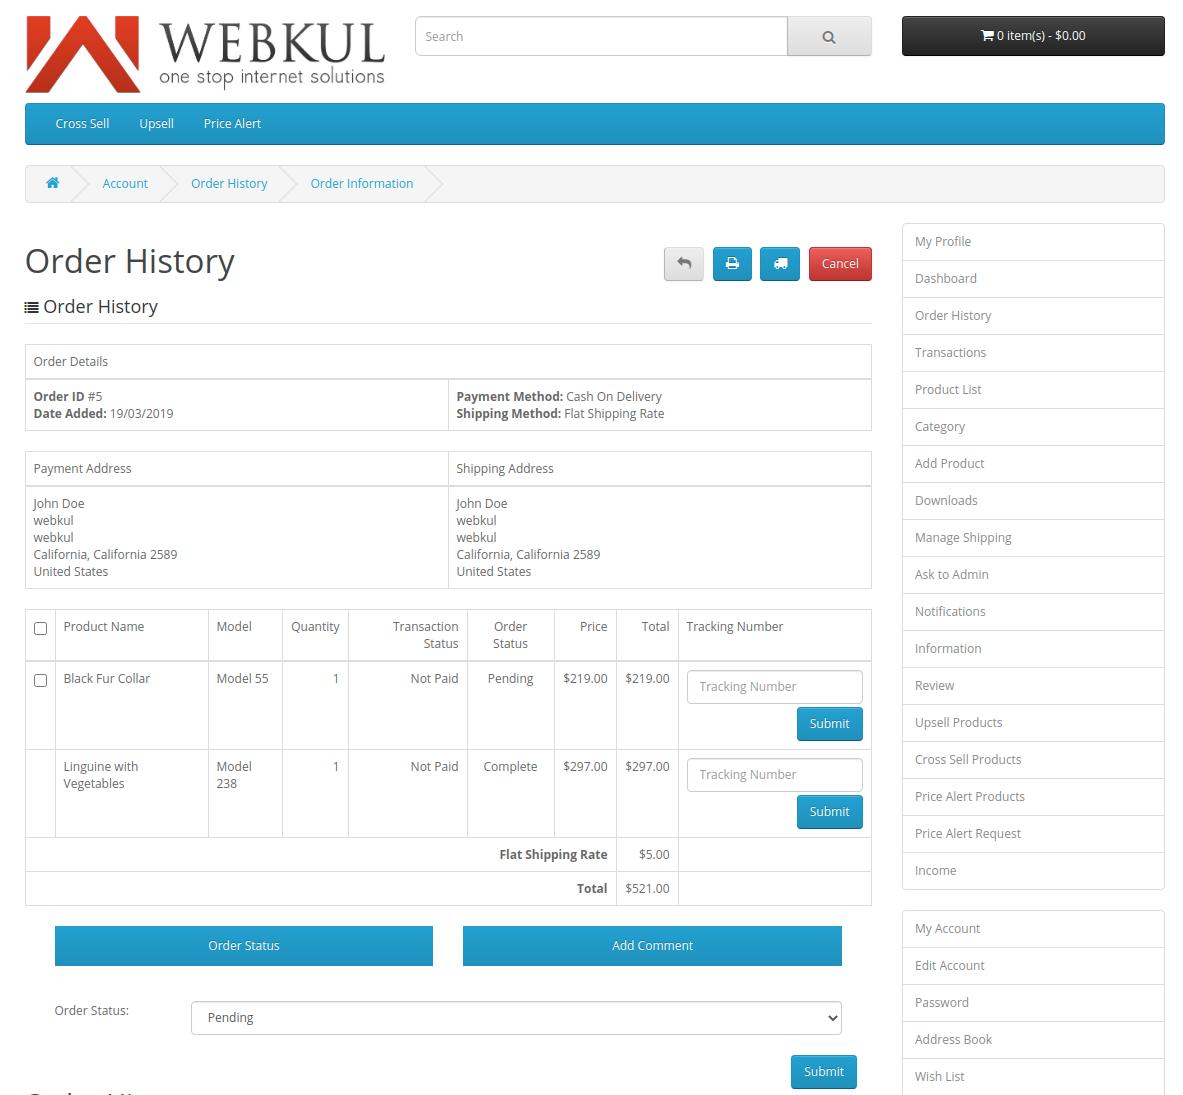 webkul-opencart-multi-vendor-marketplace-seller-end-order-information-1